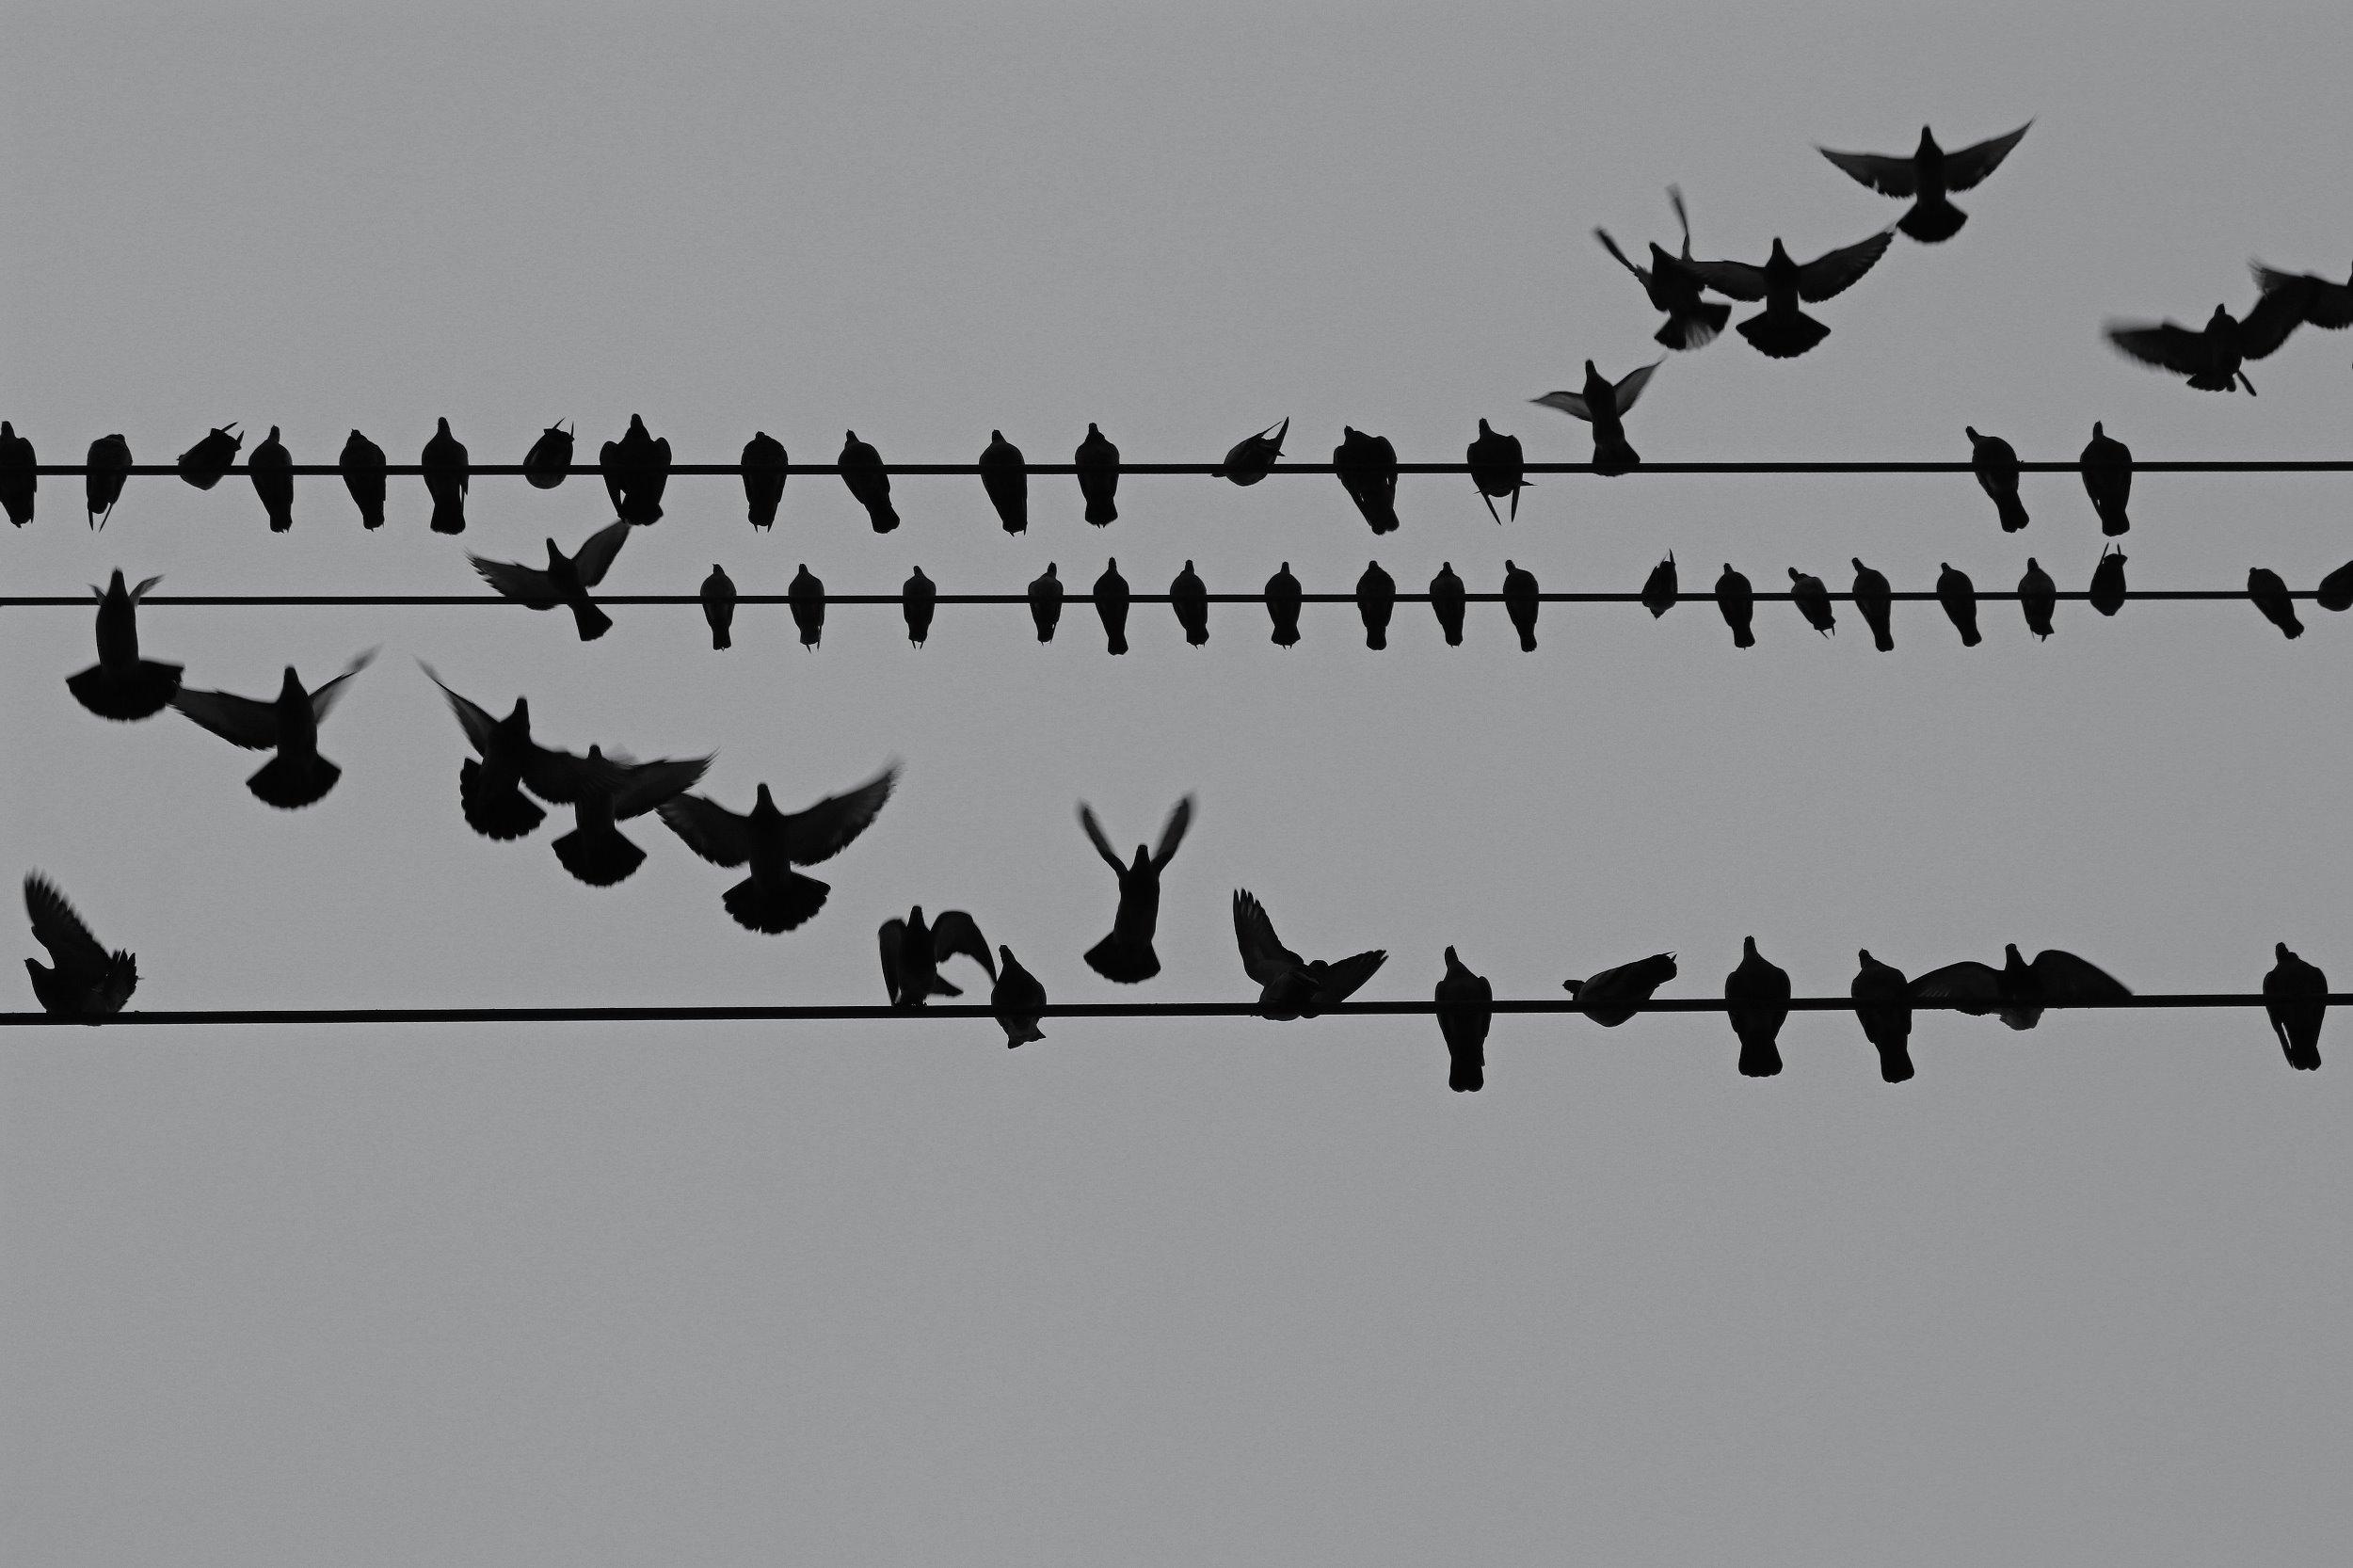 birdsonawire2.jpg